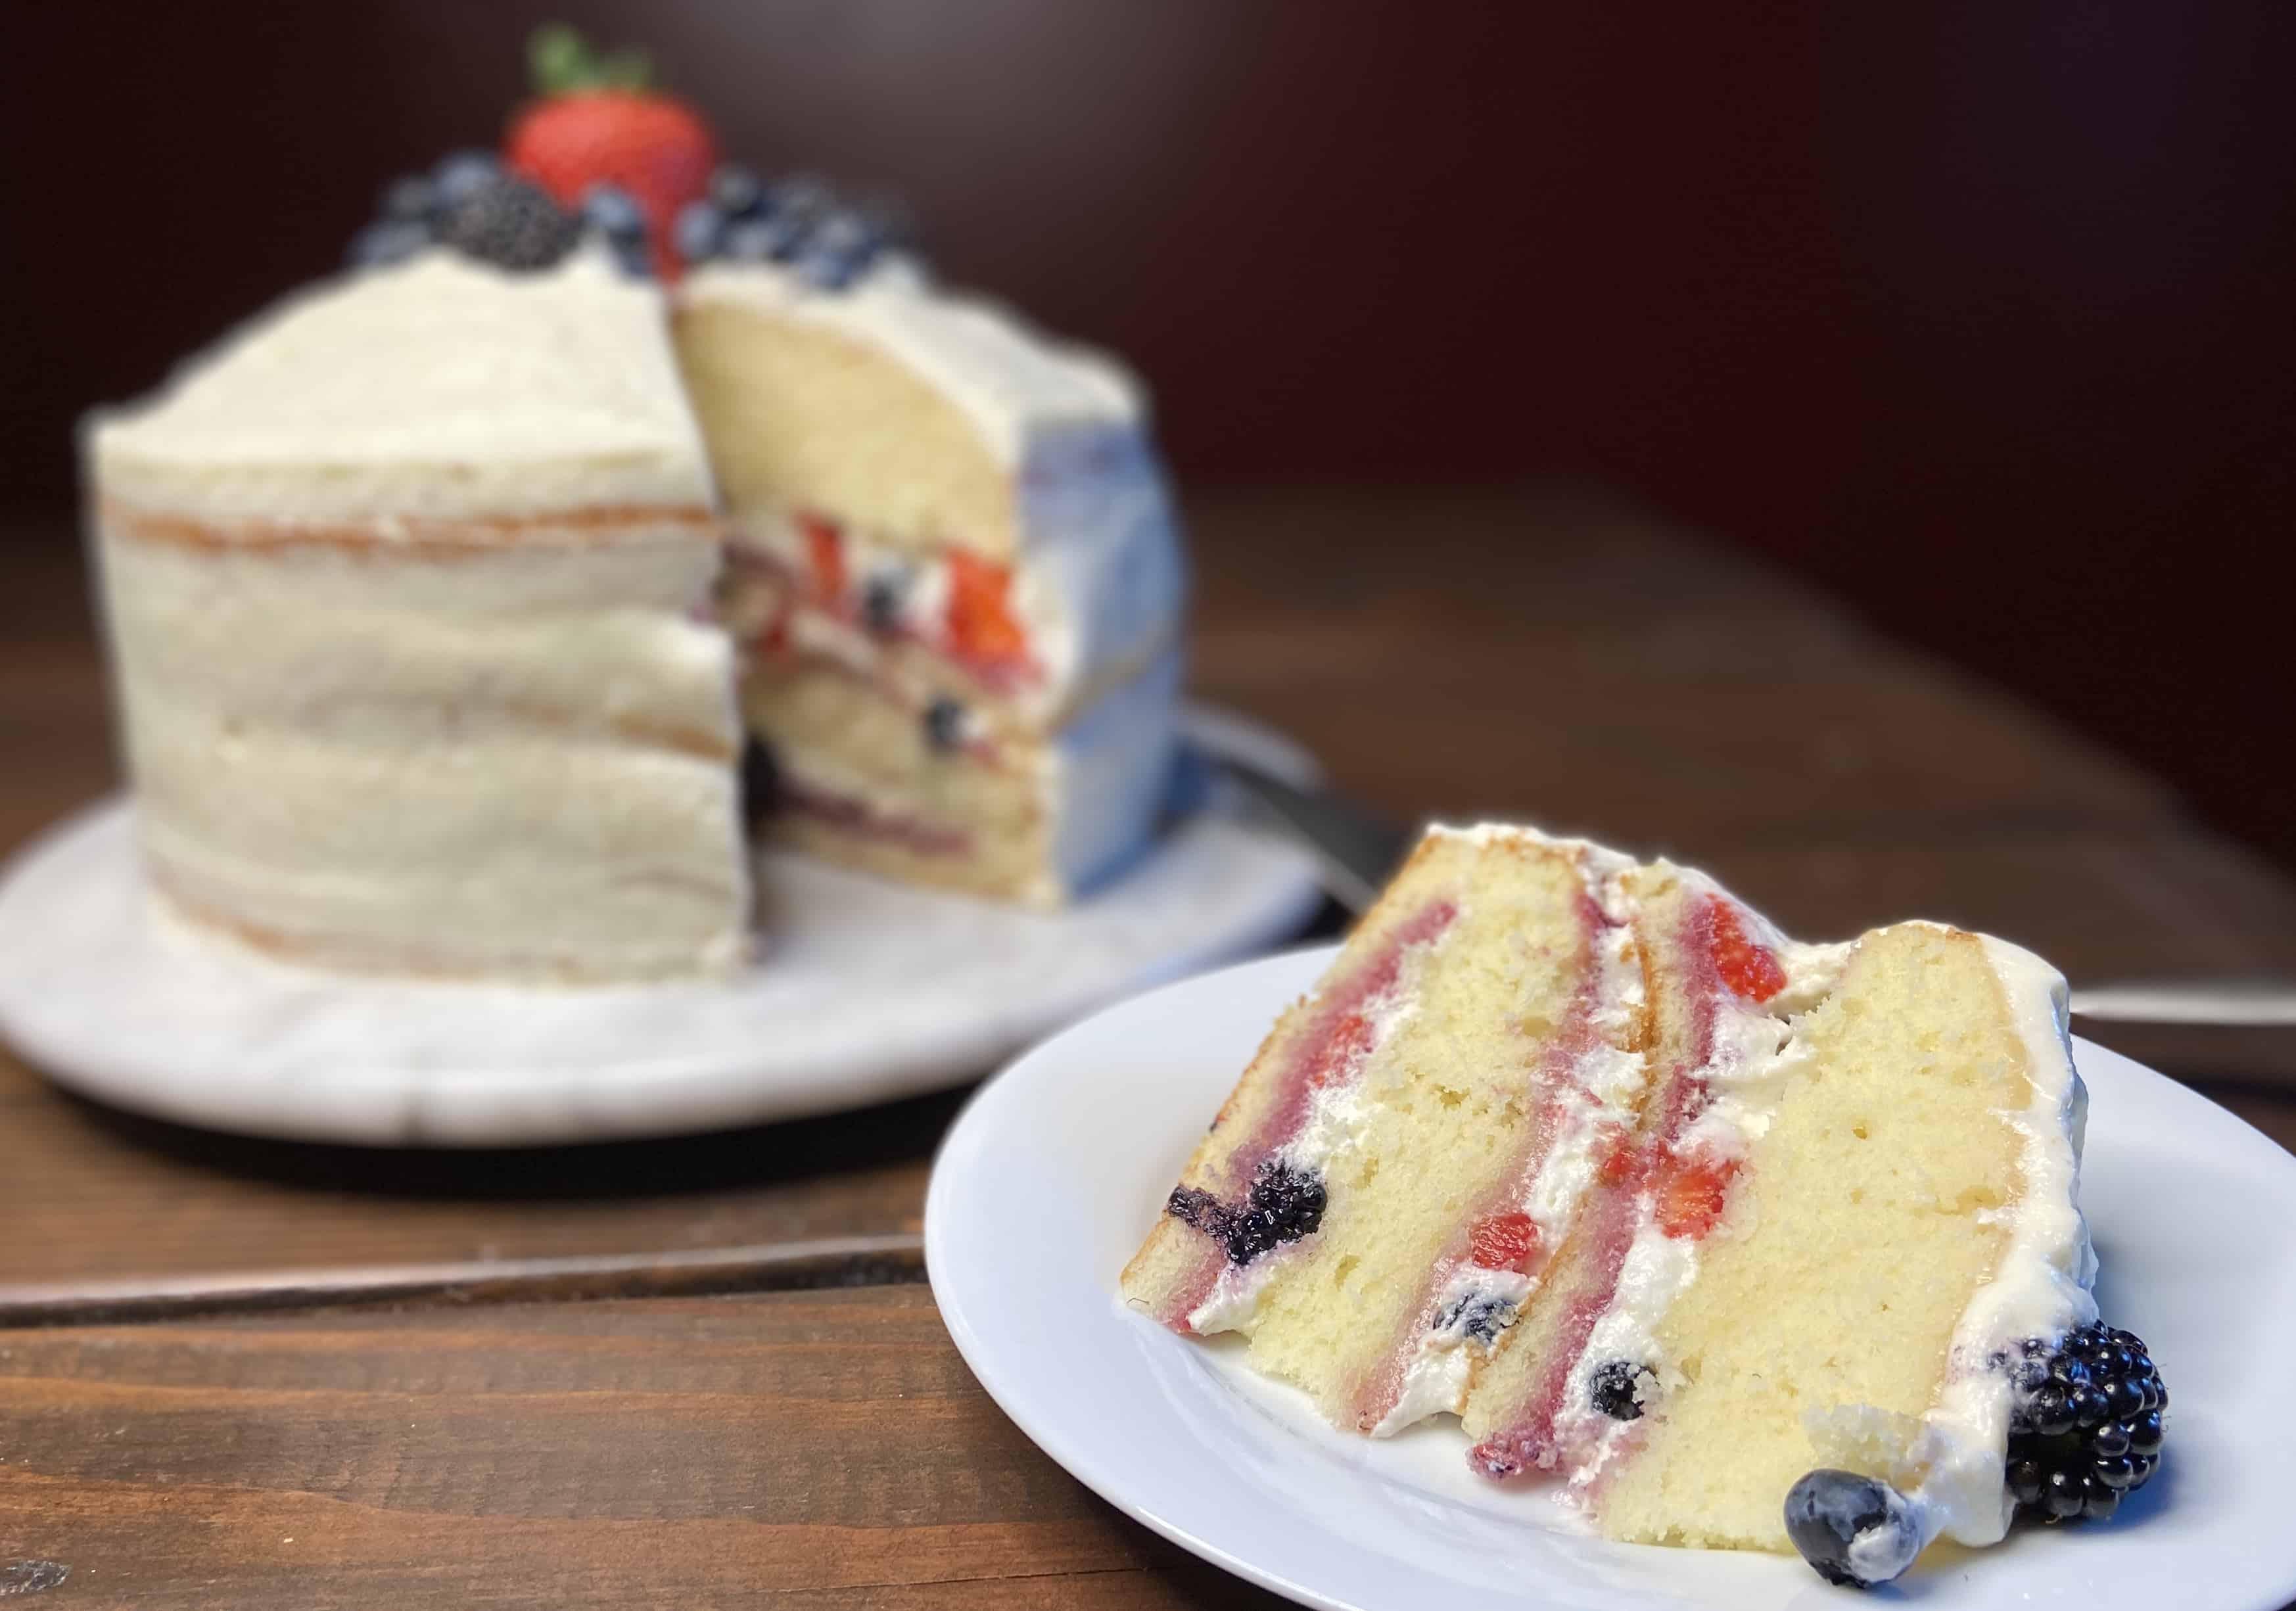 Berry Chantilly Cake - sliced (Photo by Viana Boenzli)